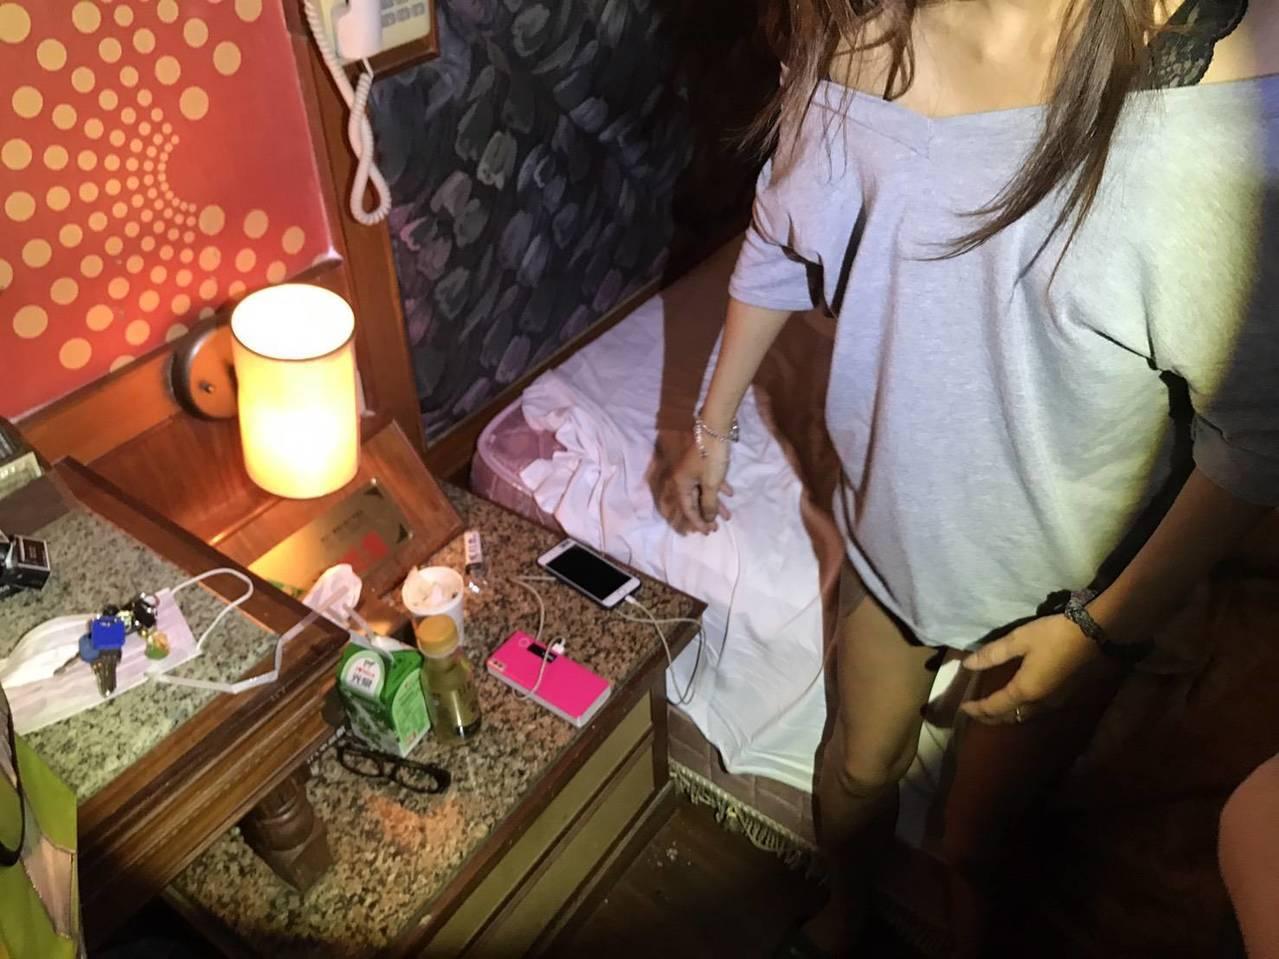 桃園市大園區一間汽車旅館,警方查獲陳姓女子在房內吸食K他命,沒想到陳女故作冷靜,...